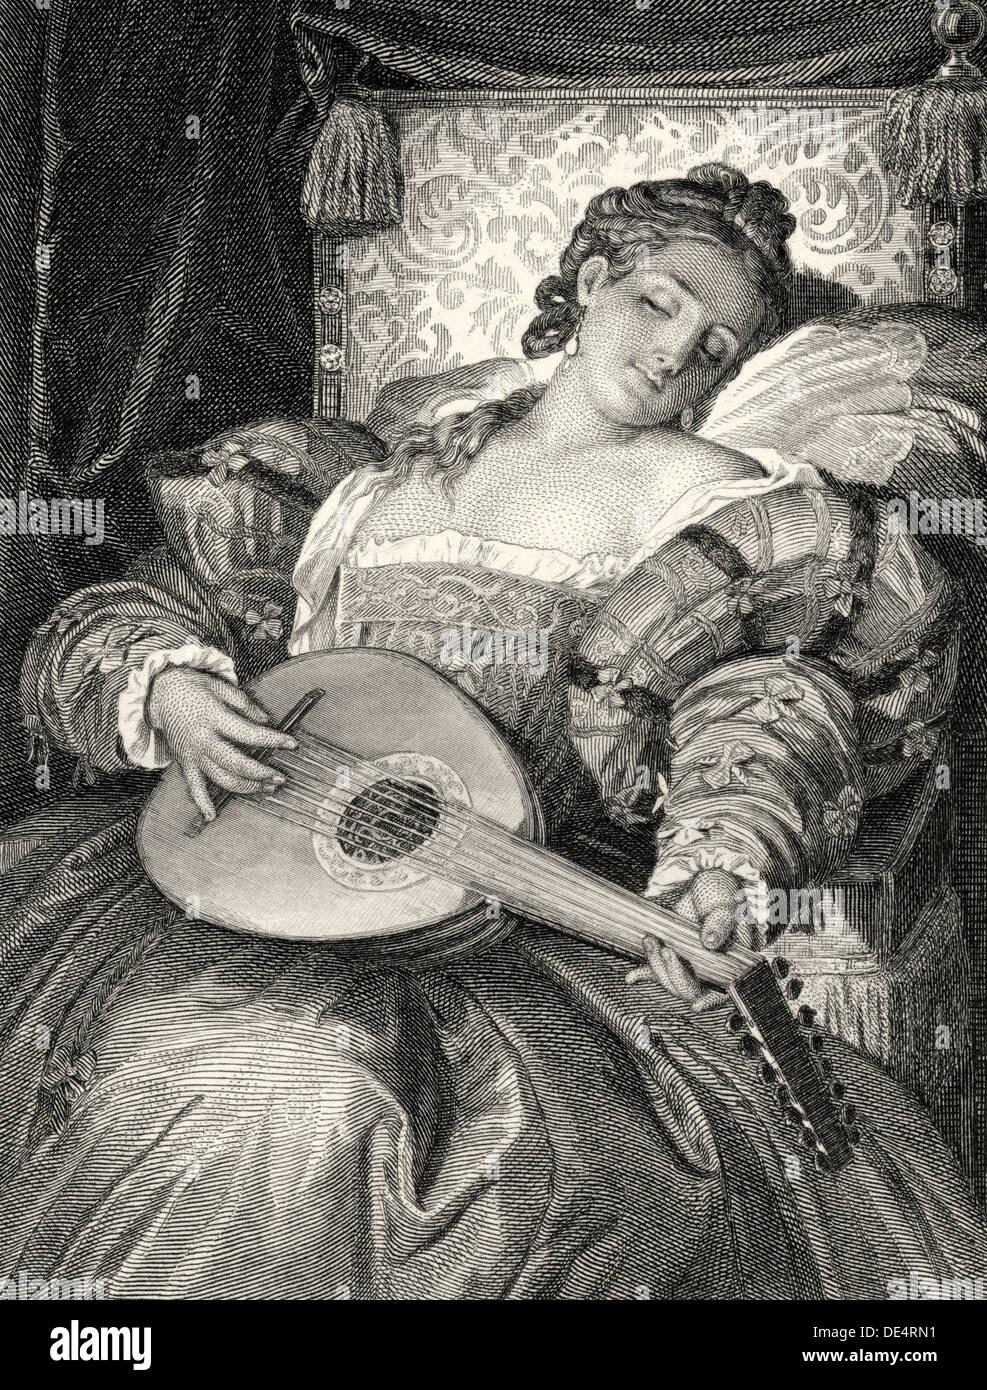 Doña Ana de Mendoza y De La Cerda, Prinzessin Eboli Charakter aus dem Drama Don Carlos oder Don Karlos von Friedrich Schiller Stockbild